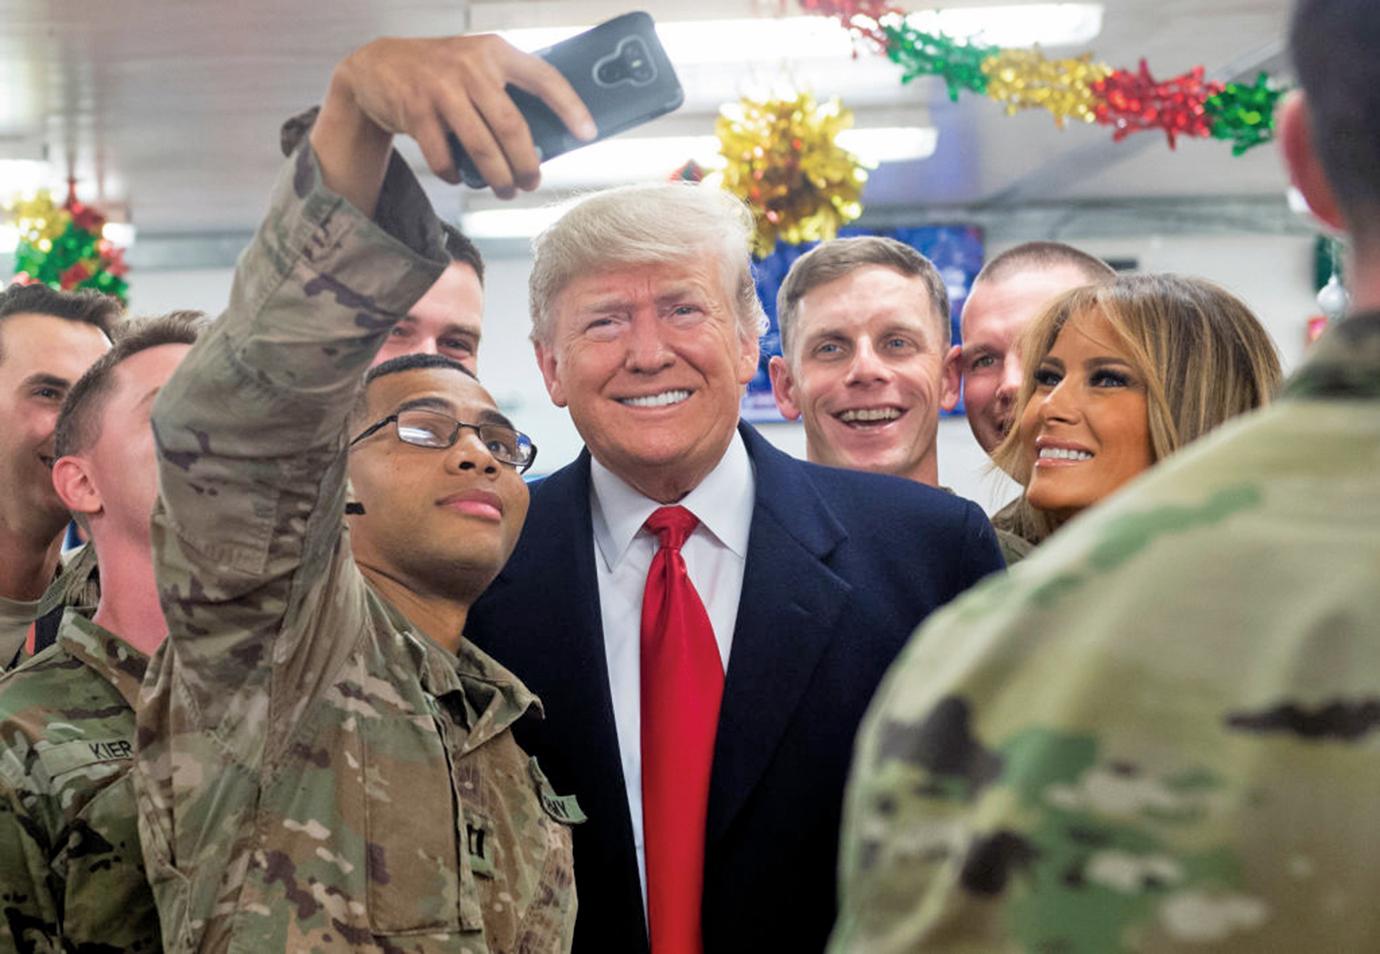 12月26日,川普總統與第一夫人梅拉尼婭(Melania Trump)到阿薩德空軍基地(Al-Asad Air Base)慰問駐伊拉克美軍。(AFP)